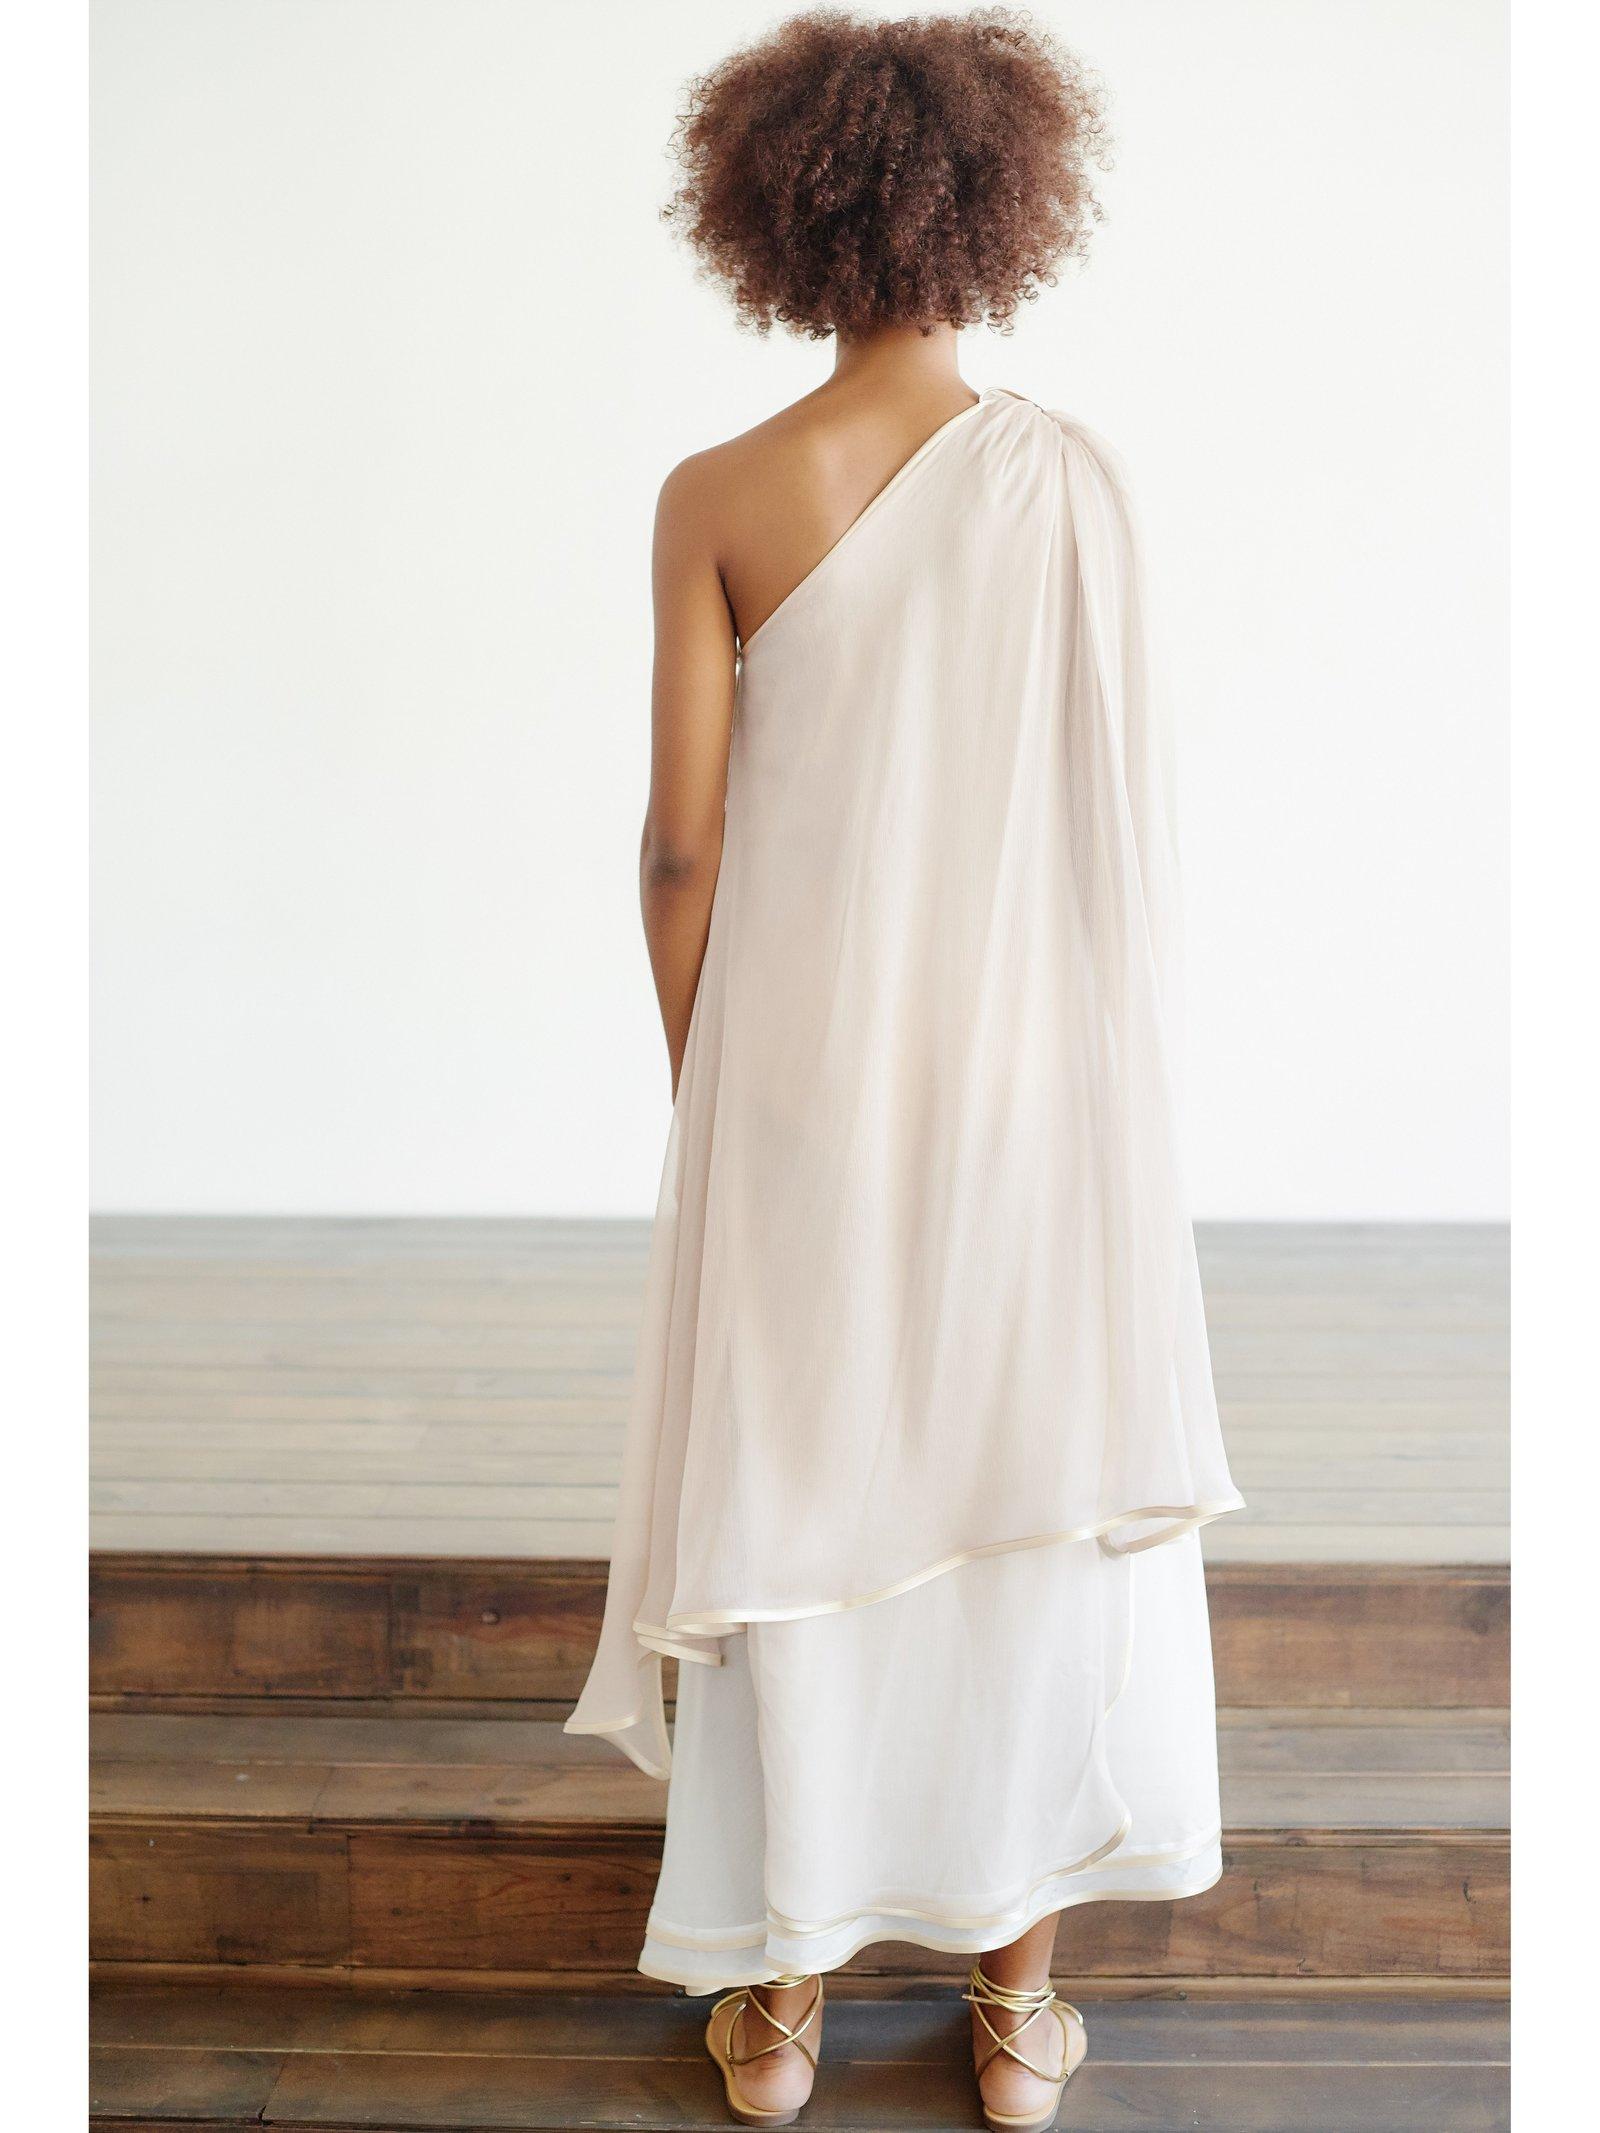 HB By Hanna Baranava The Roman Holiday Dress